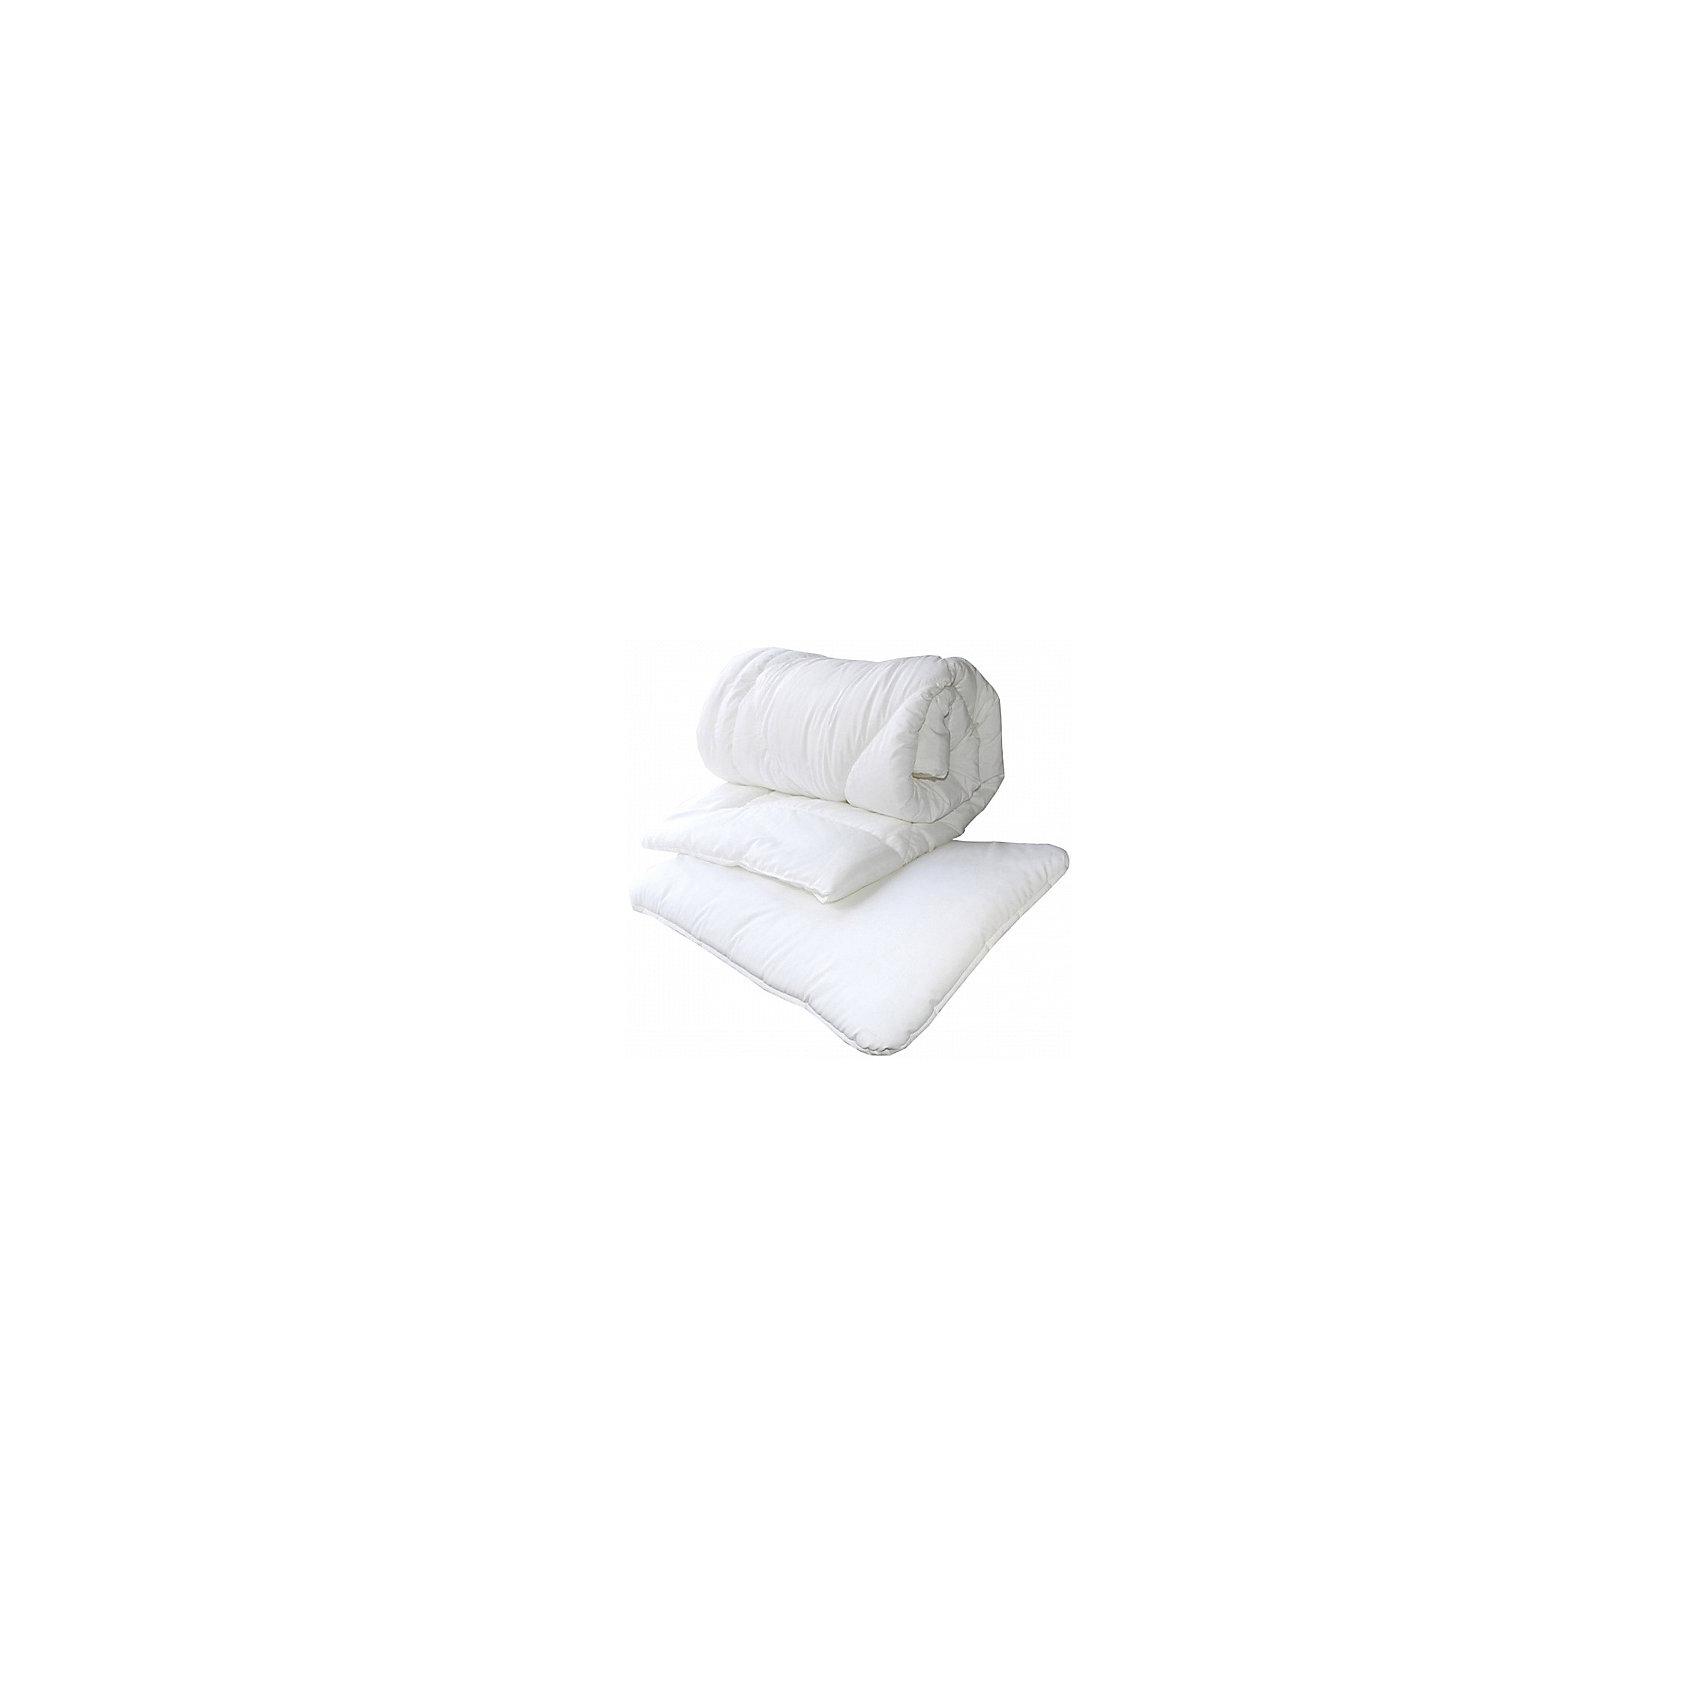 Baby Nice Комплект: одеяло 105х140, подушка 40х60, Baby Nice матрасы  подушки и одеяла